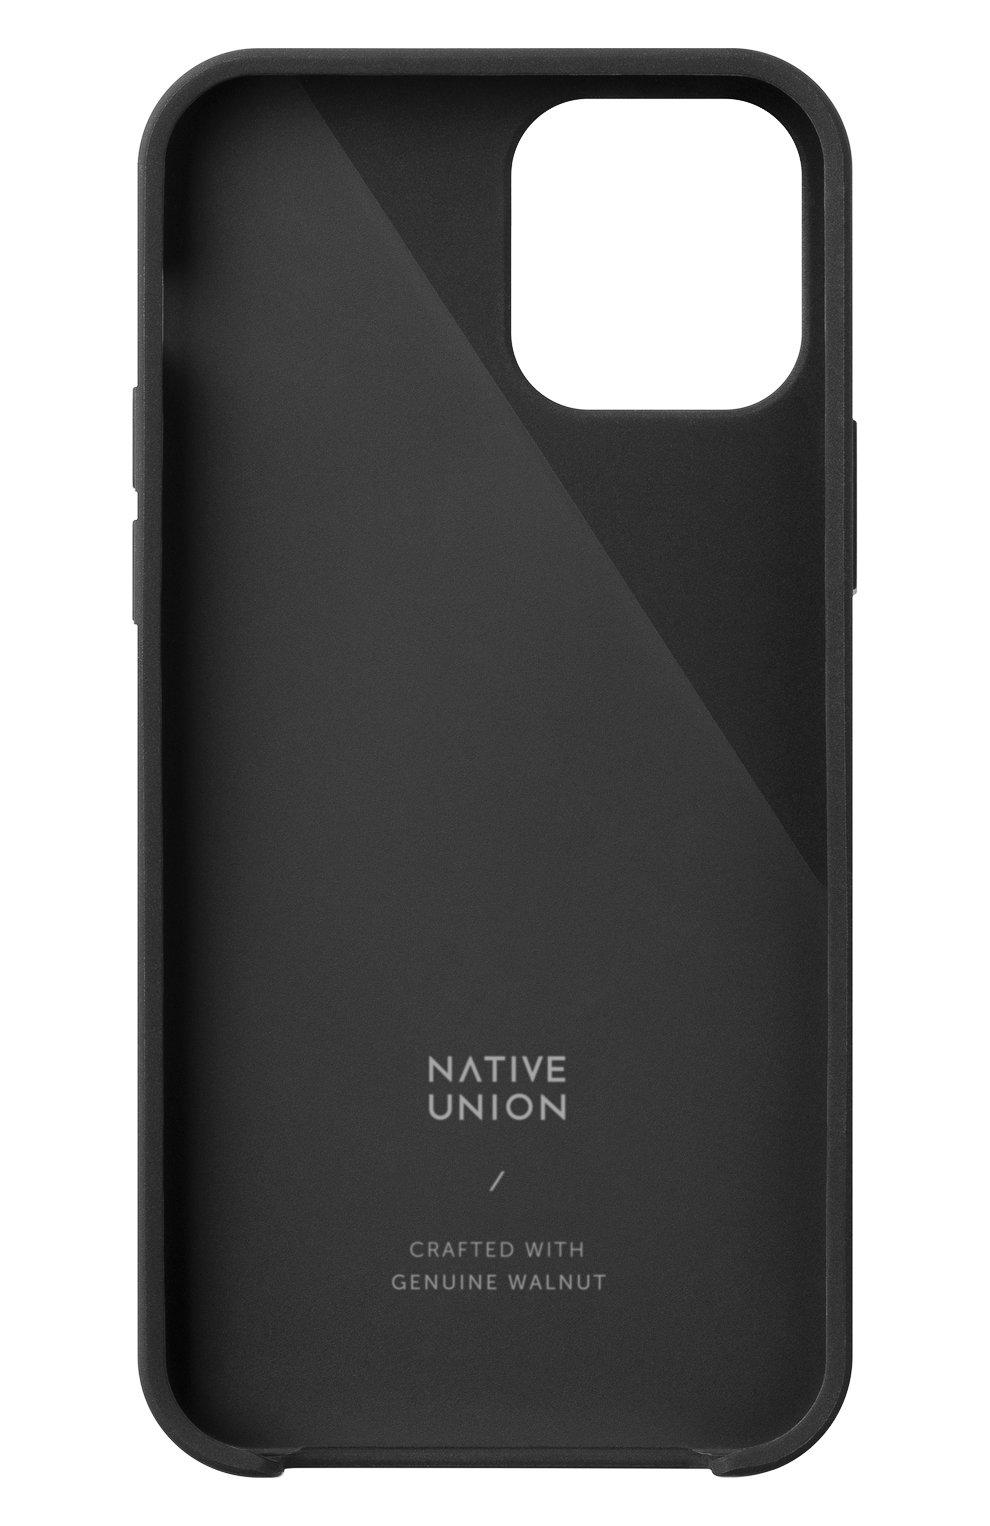 Чехол clic wooden для iphone 12 pro max  NATIVE UNION черного цвета, арт. CWOOD-BLK-NP20L   Фото 2